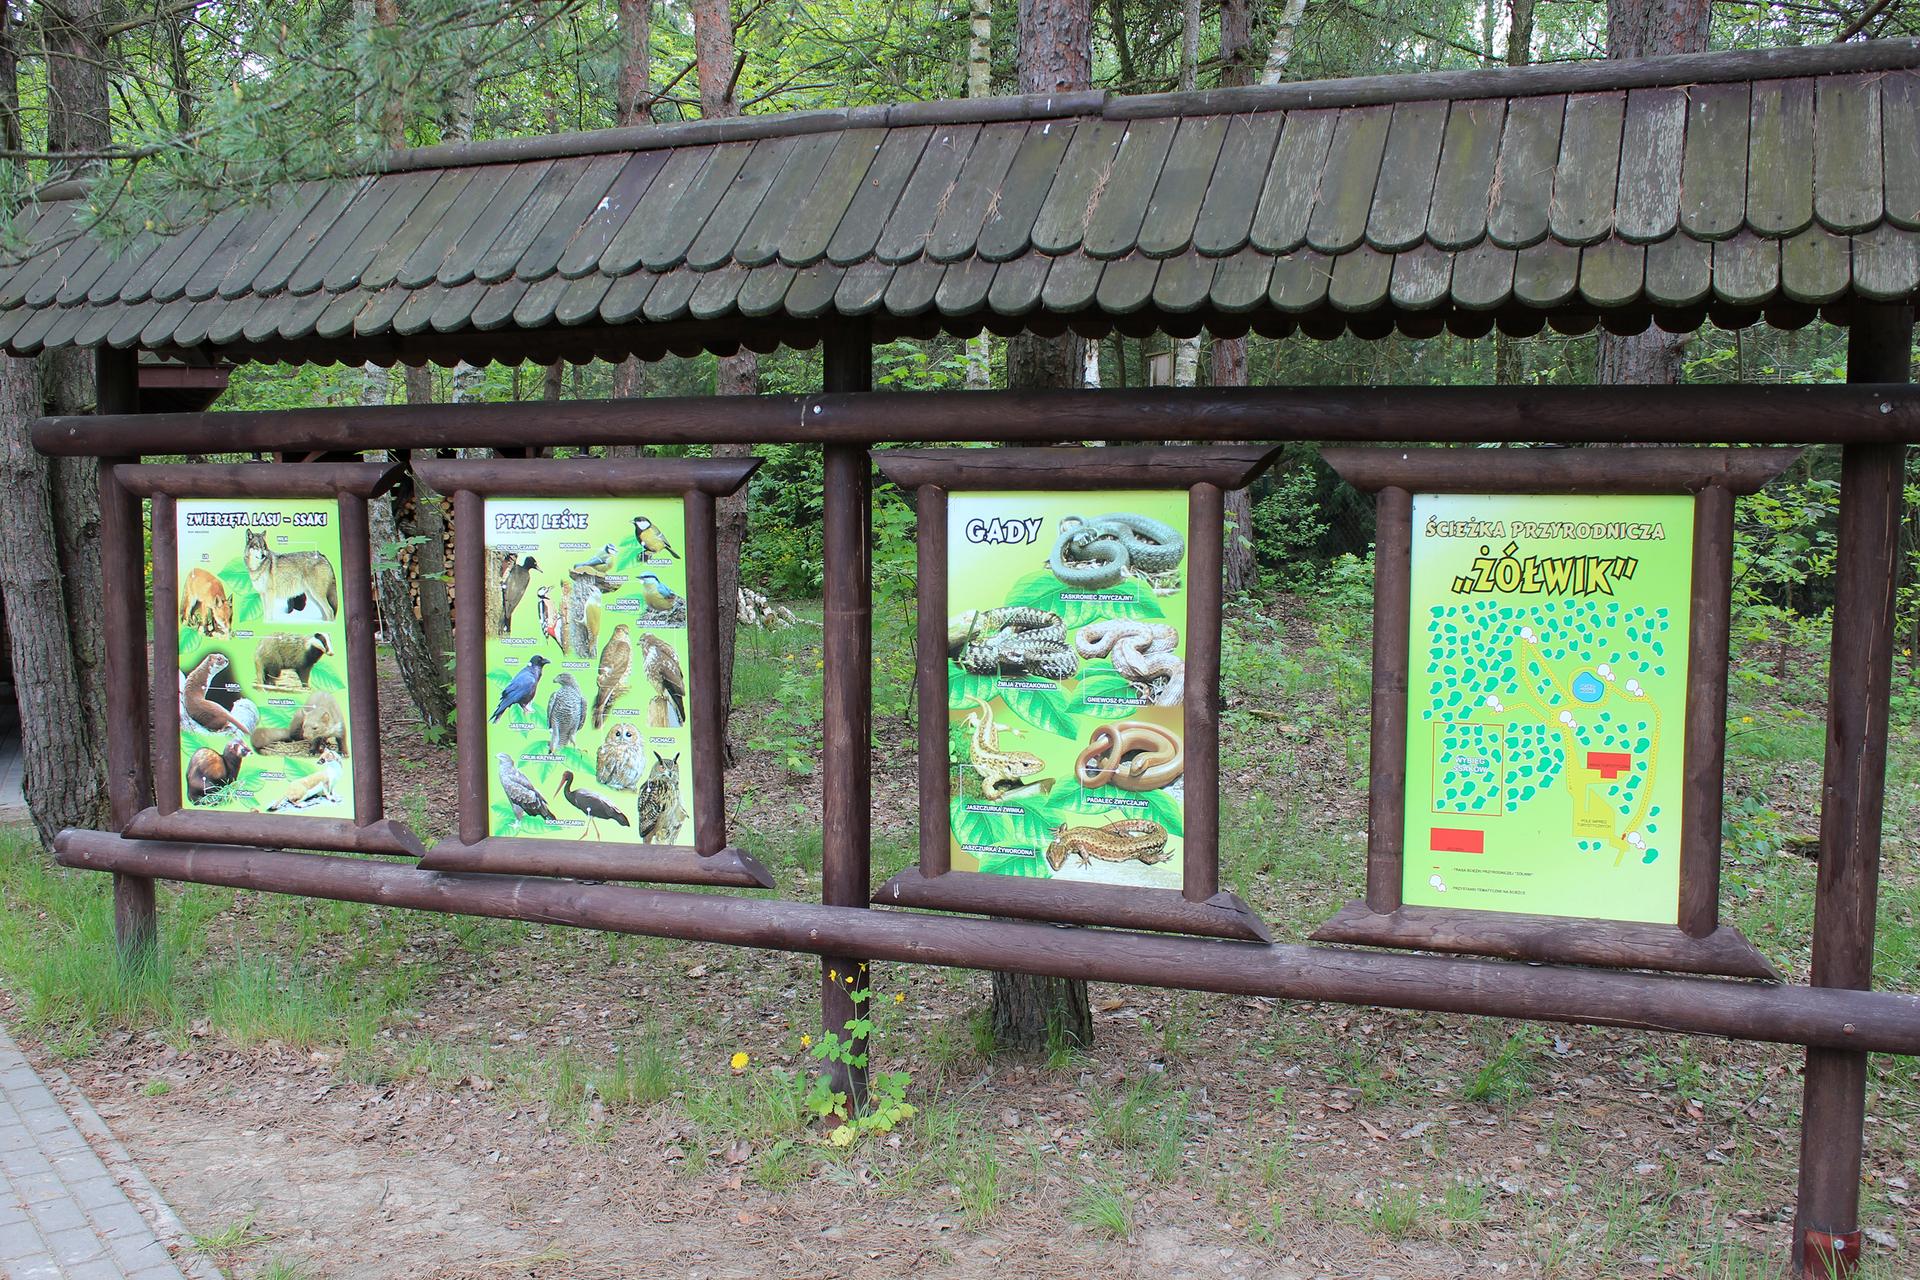 """Fotografia prezentuje cztery tablice umieszczone na ścieżce przyrodniczej, na których umieszczono informacje ożyjących tu roślinach, zwierzętach oraz mapę ścieżki przyrodniczej """"Żółwik"""""""